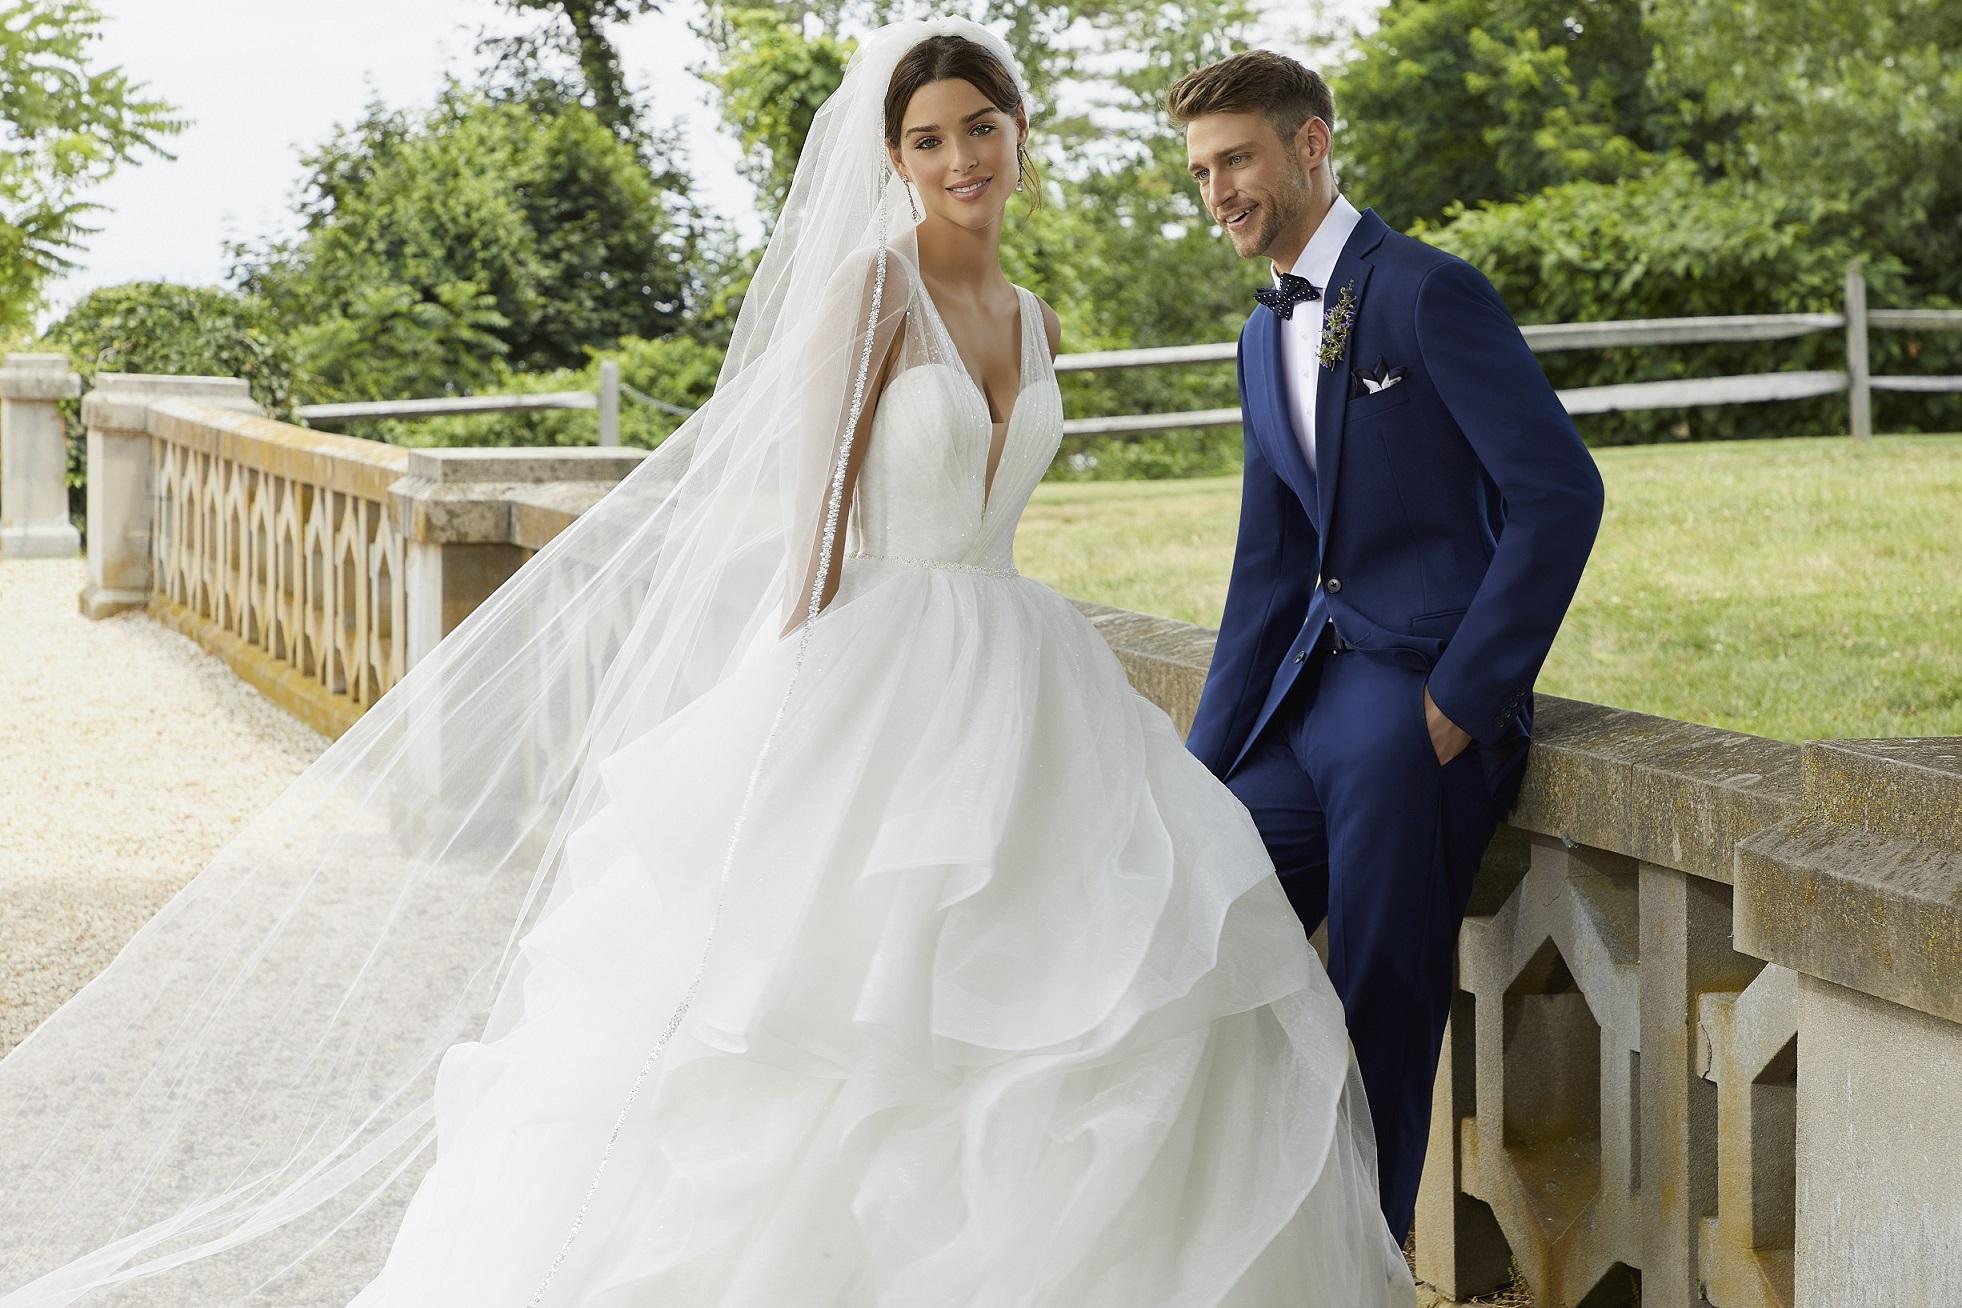 legjobb menyasszony 55 szép vagy flörtöl